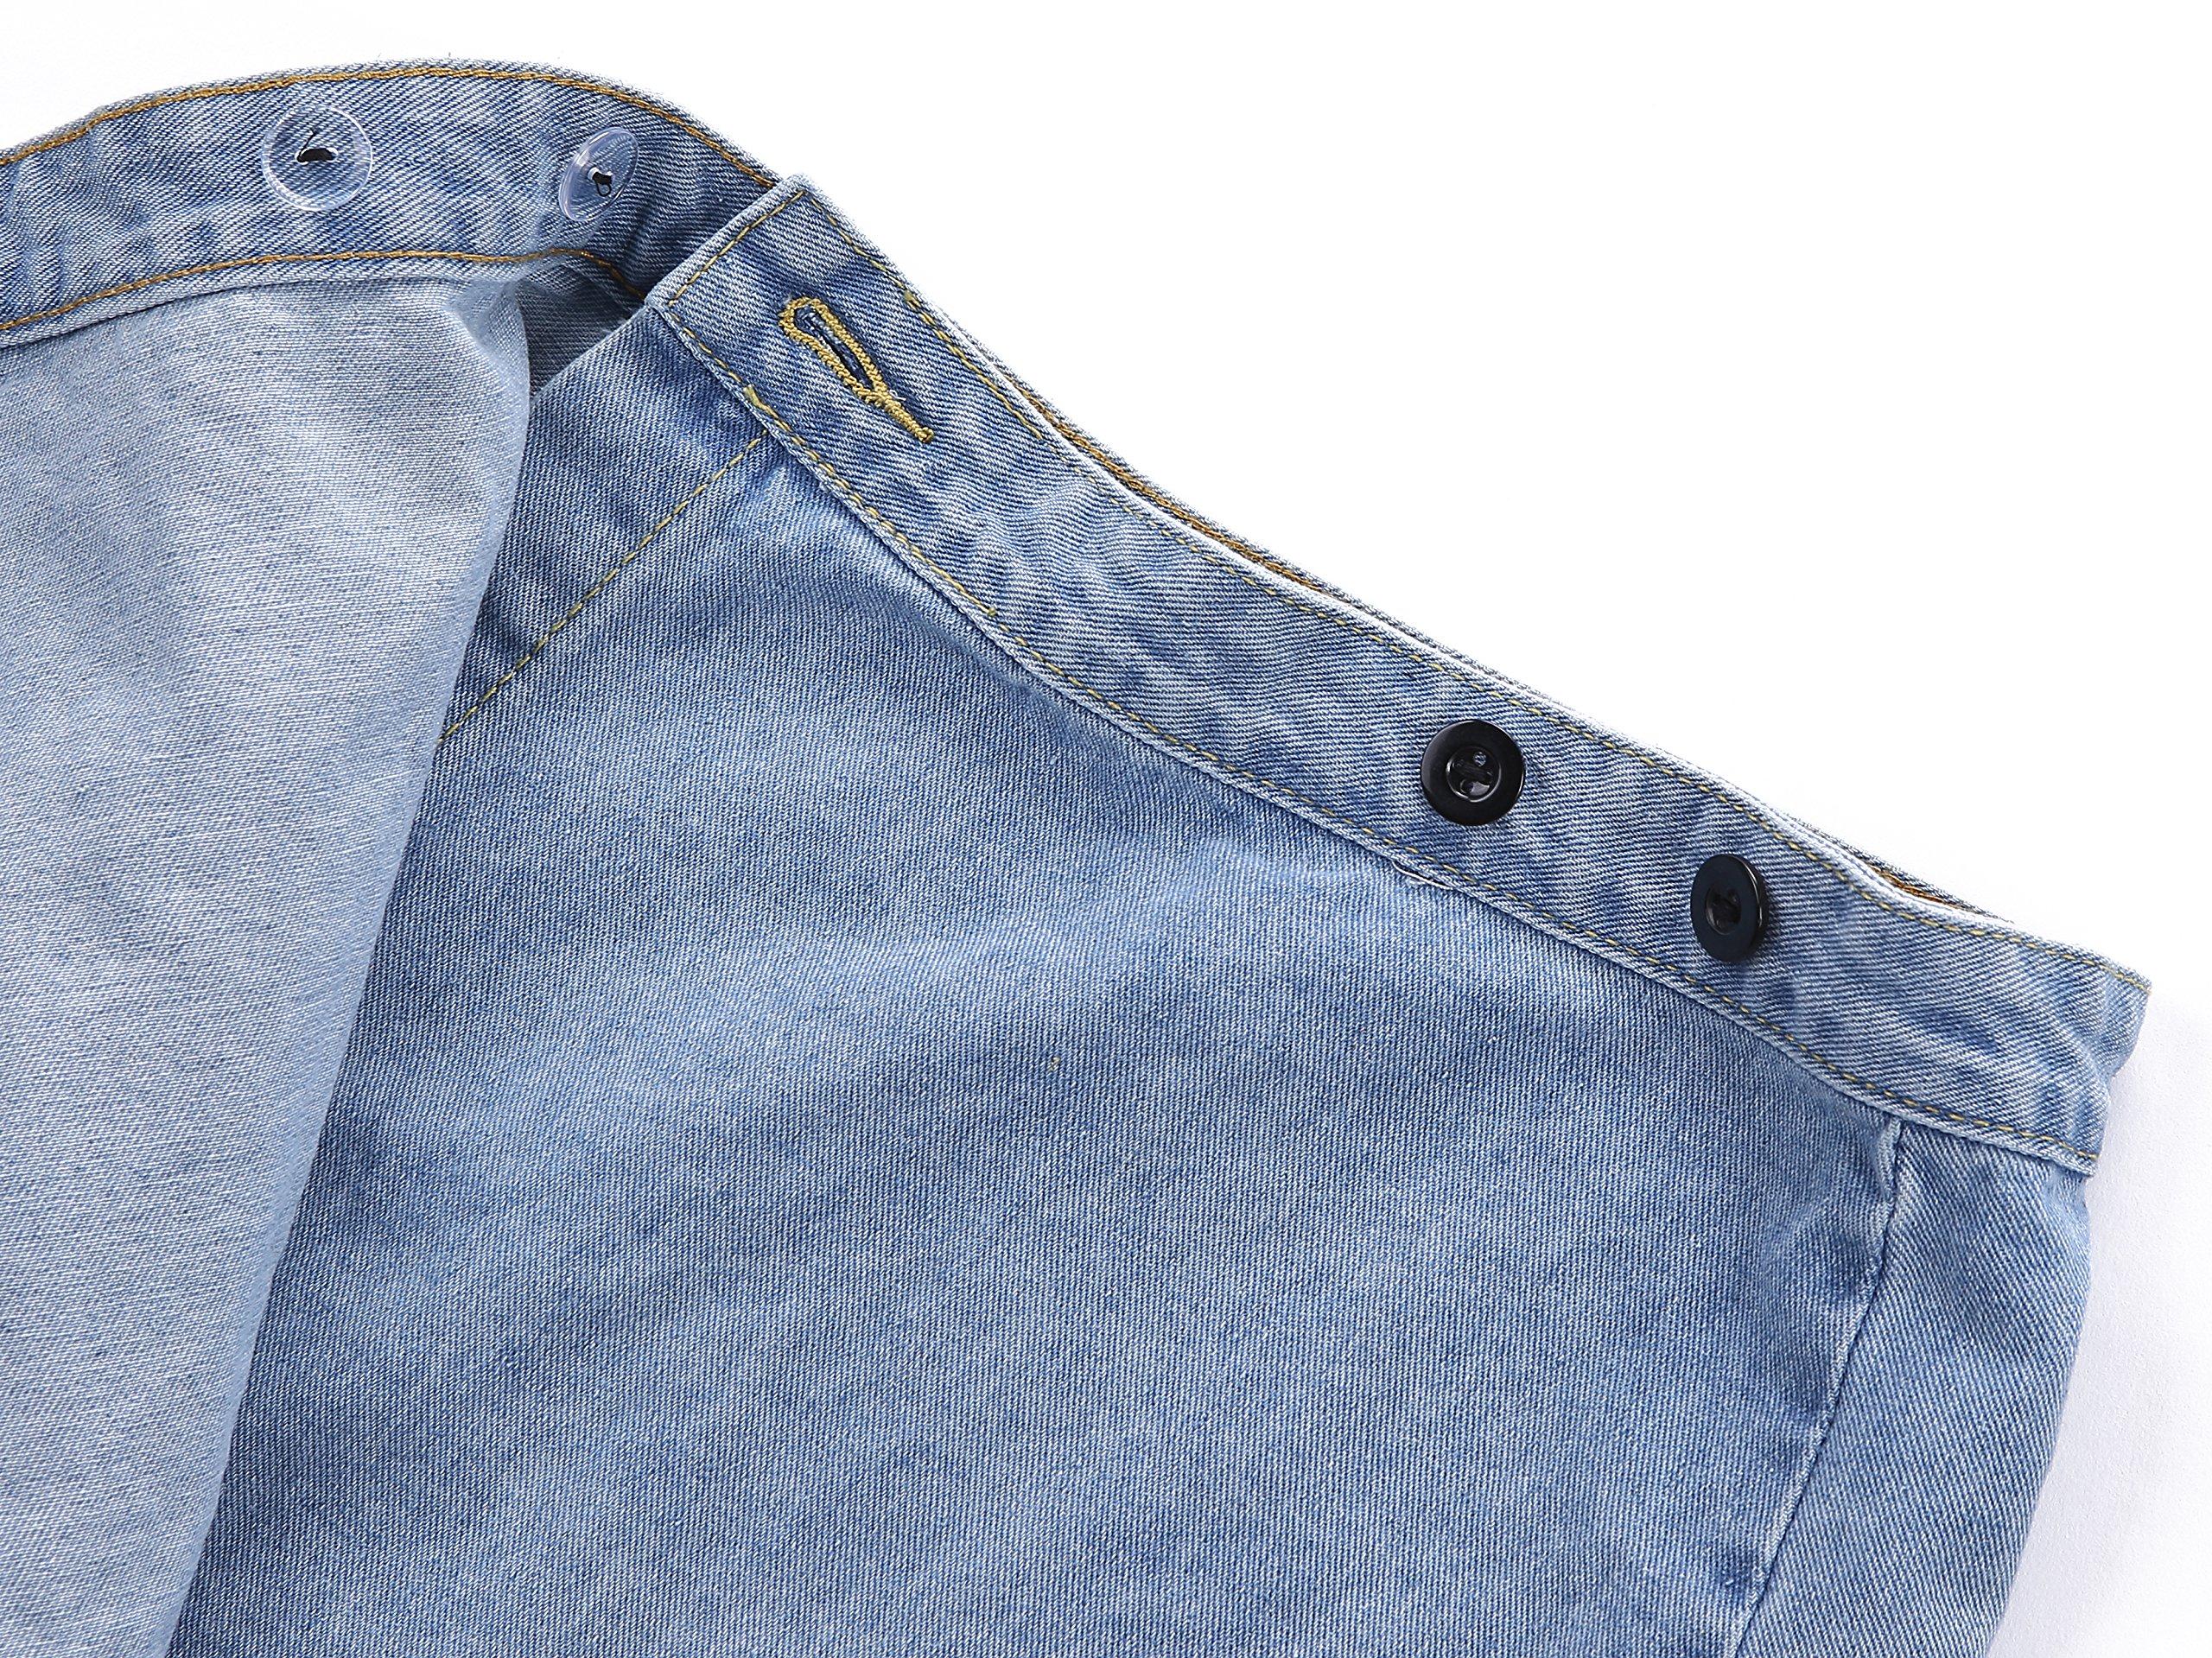 Goddess Area Women\'s Casual Short Denim Skirt (M, Blue1)